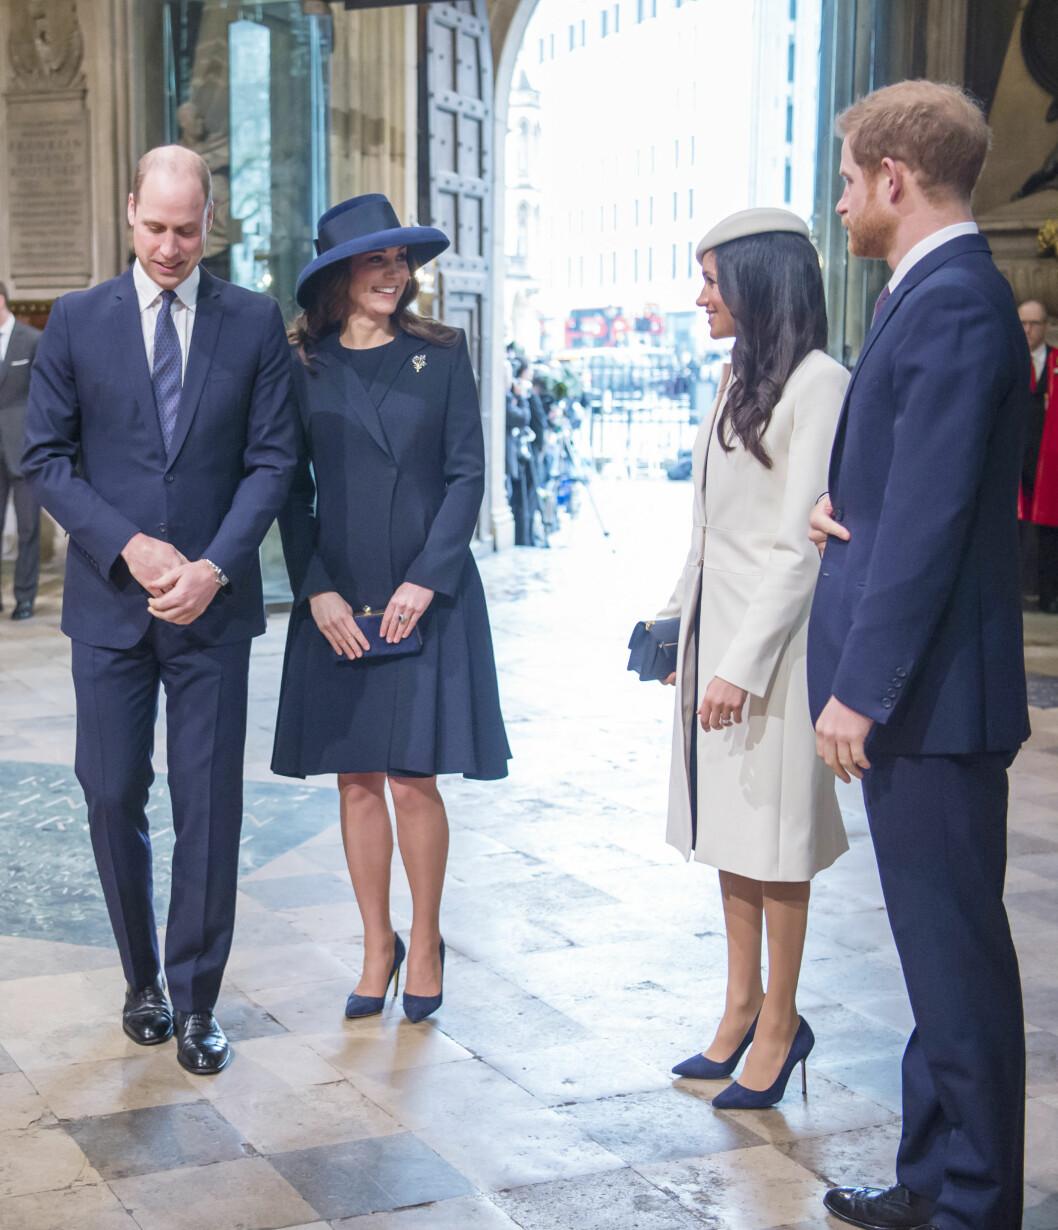 FIRERBANDE: Hertuginne Kate og prins William side om side med det kommende ekteparet prins Harry og Meghan Markle under et arrangement i Westminster Abbey 12. mars. Foto: NTB Scanpix